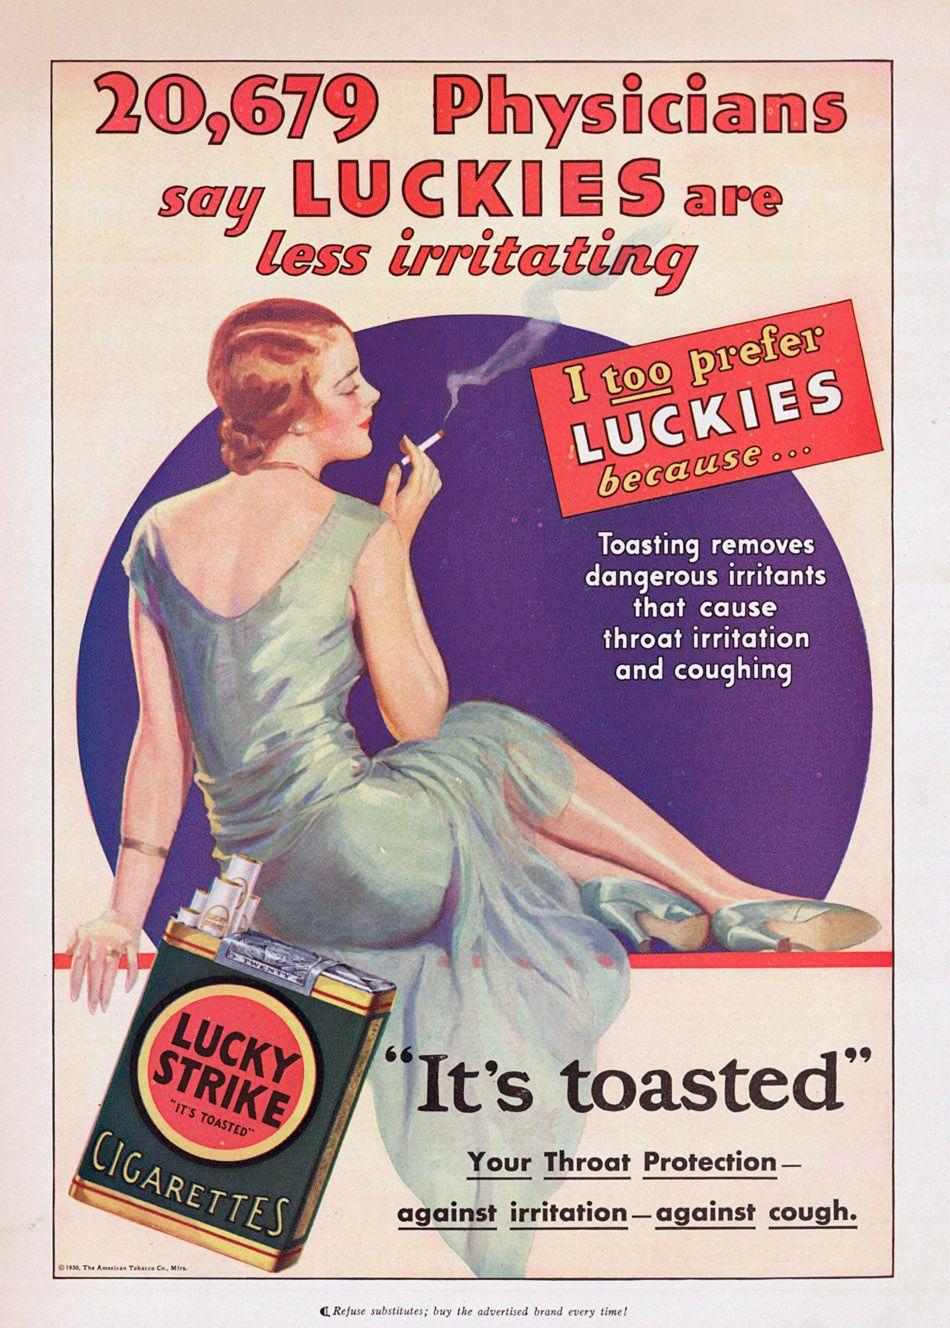 60++ Asbestos kent cigarettes